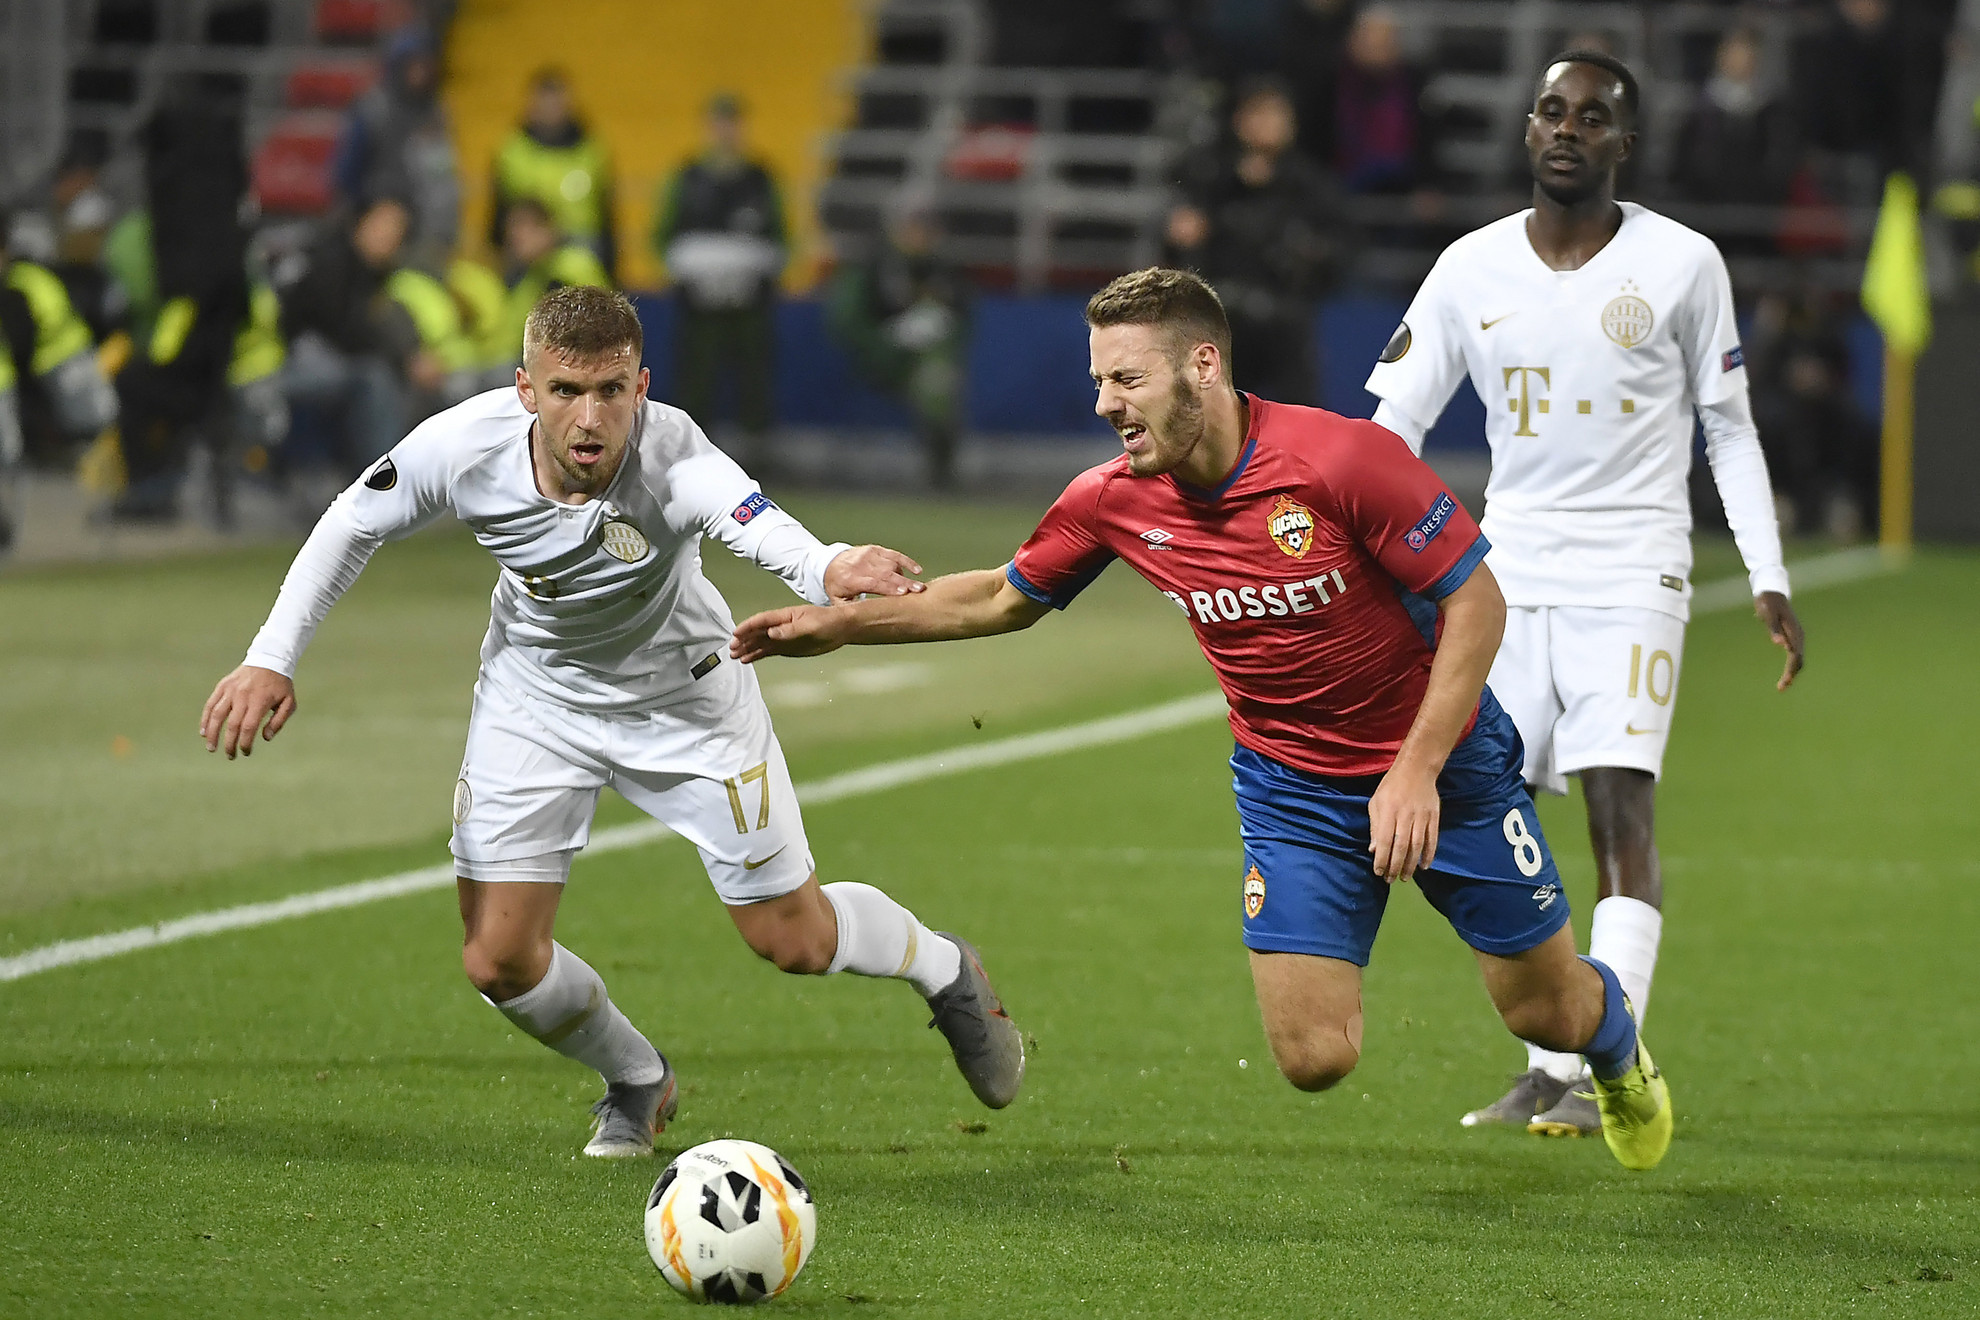 A ferencvárosi Eldar Civic (b) és Nikola Vlasic, az orosz csapat játékosa a labdarúgó Európa-liga csoportkörében játszott CSZKA Moszkva - Ferencváros mérkőzésen a moszkvai VEB Arénában 2019. október 24-én